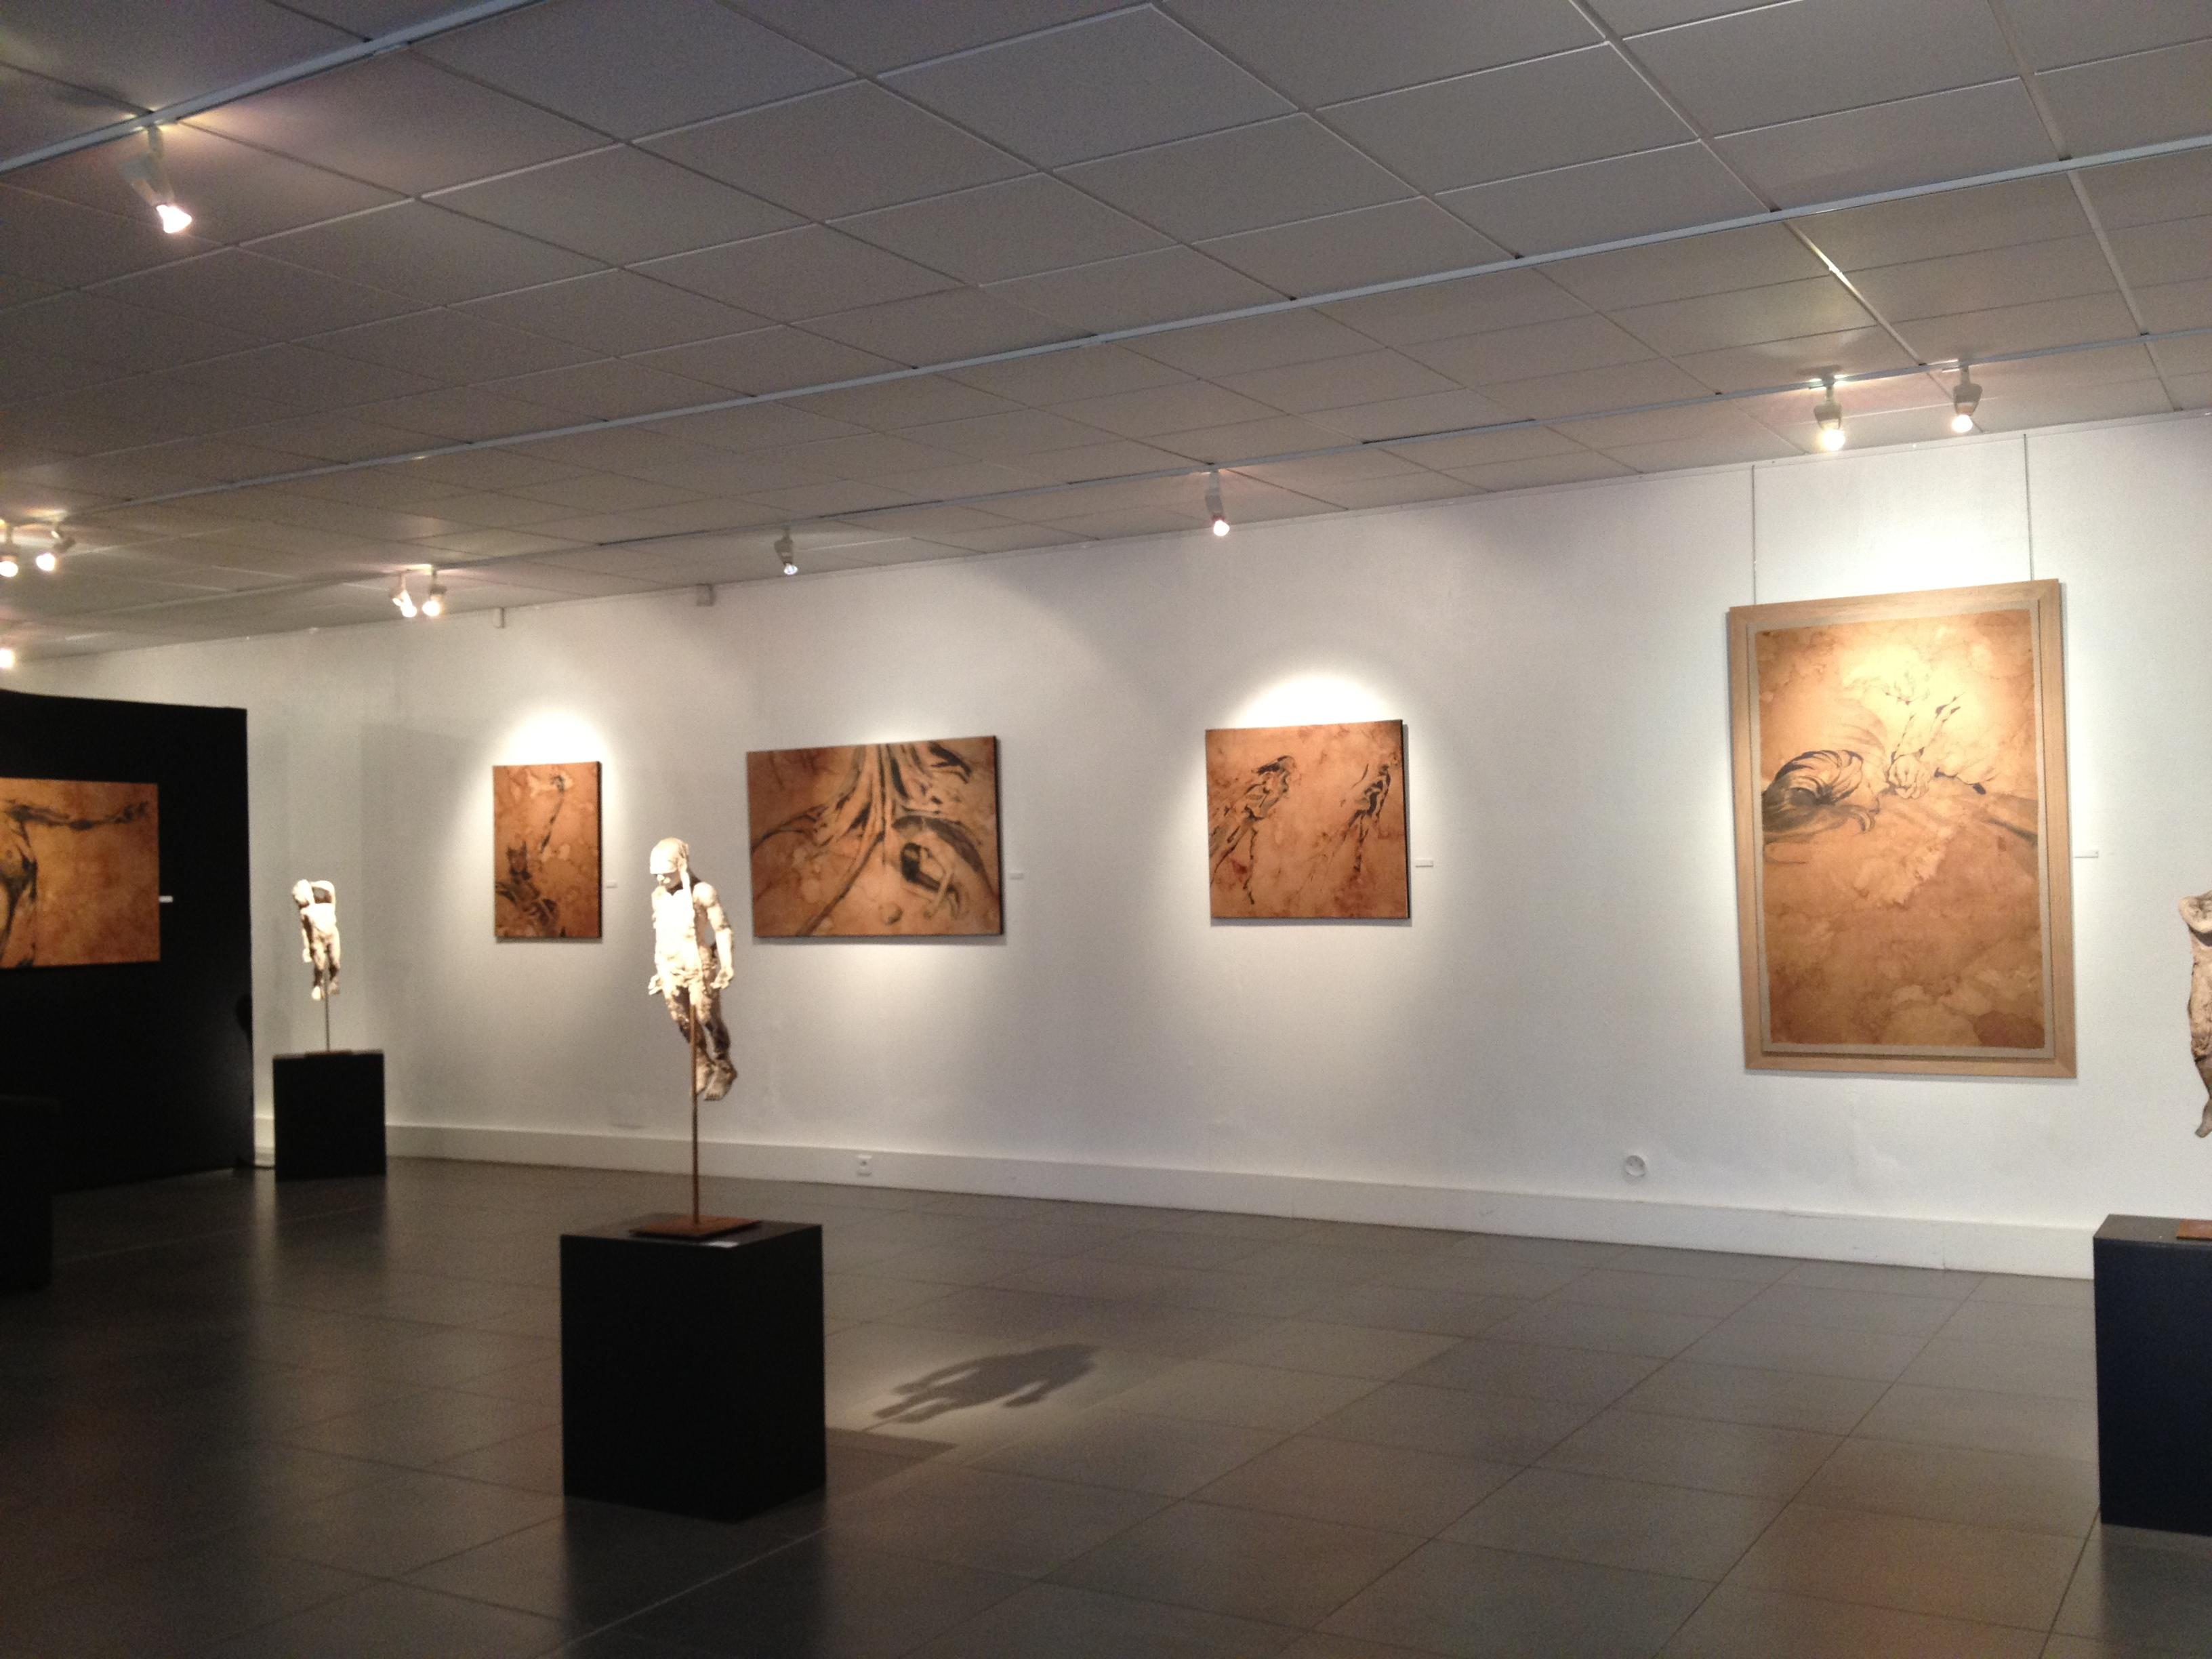 Galerie Septentrion, Lille, France